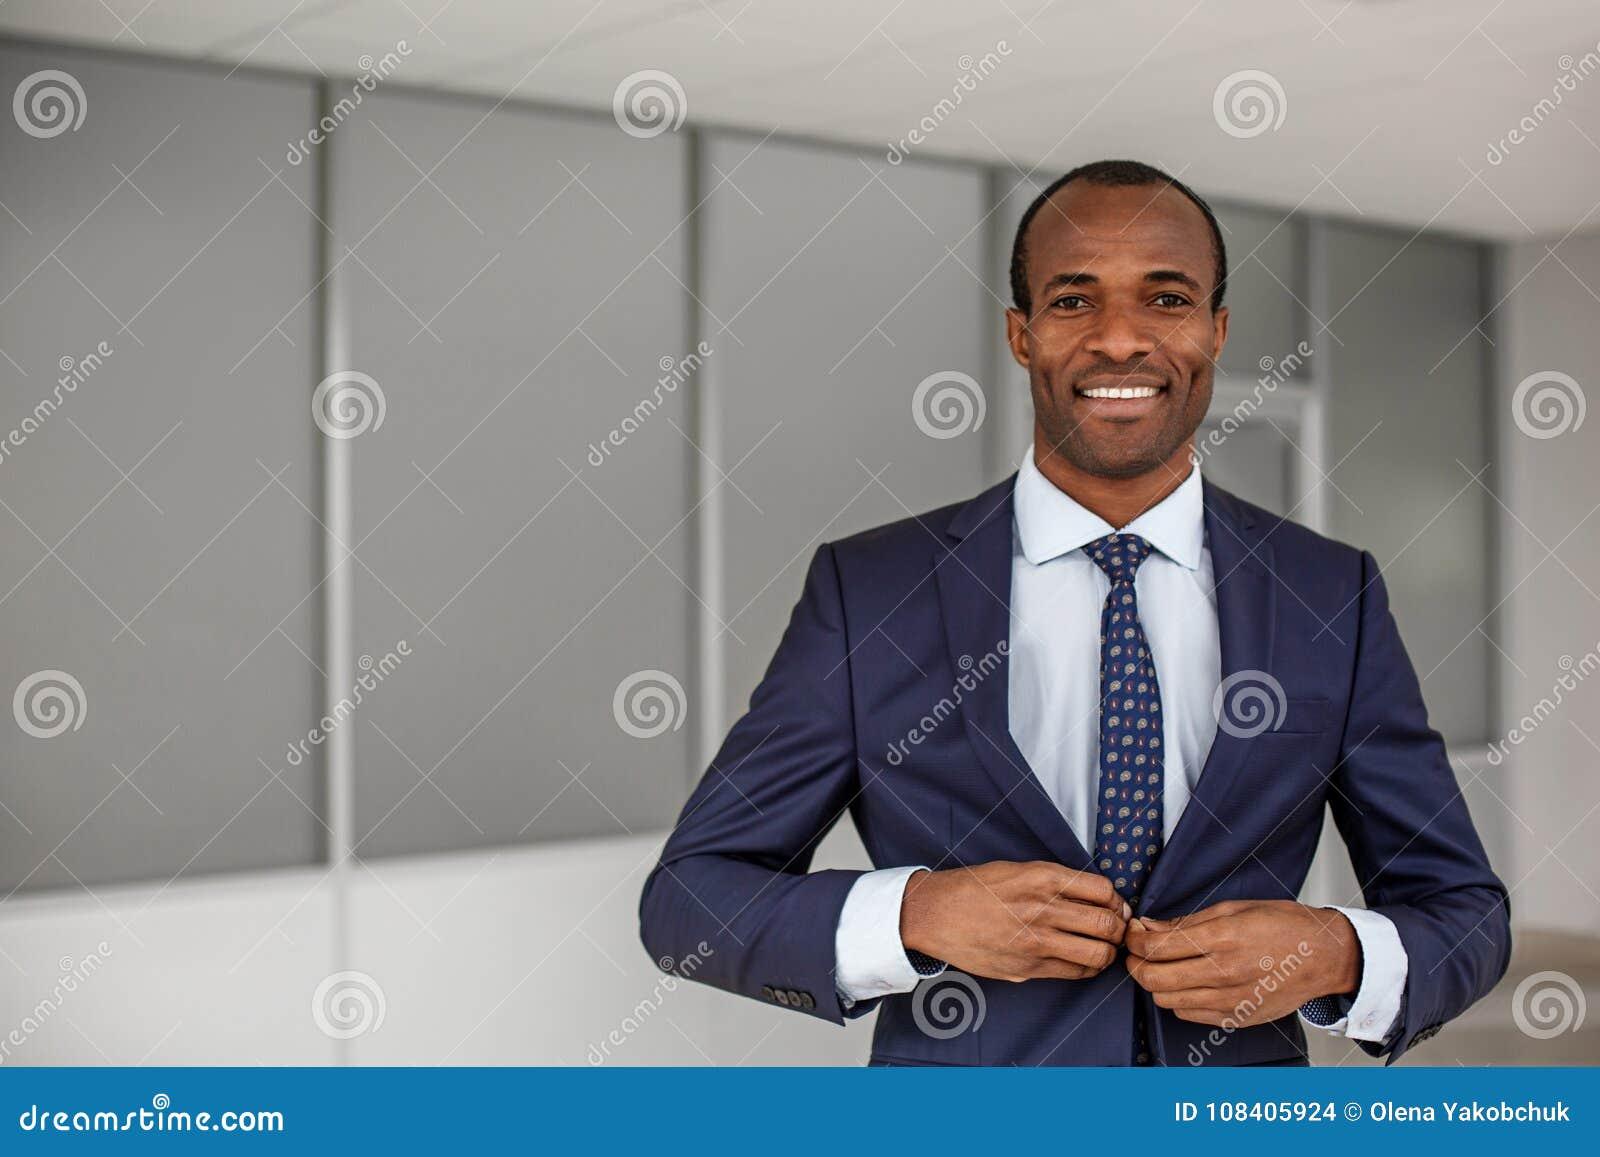 El hombre elegante está expresando alegría en el trabajo